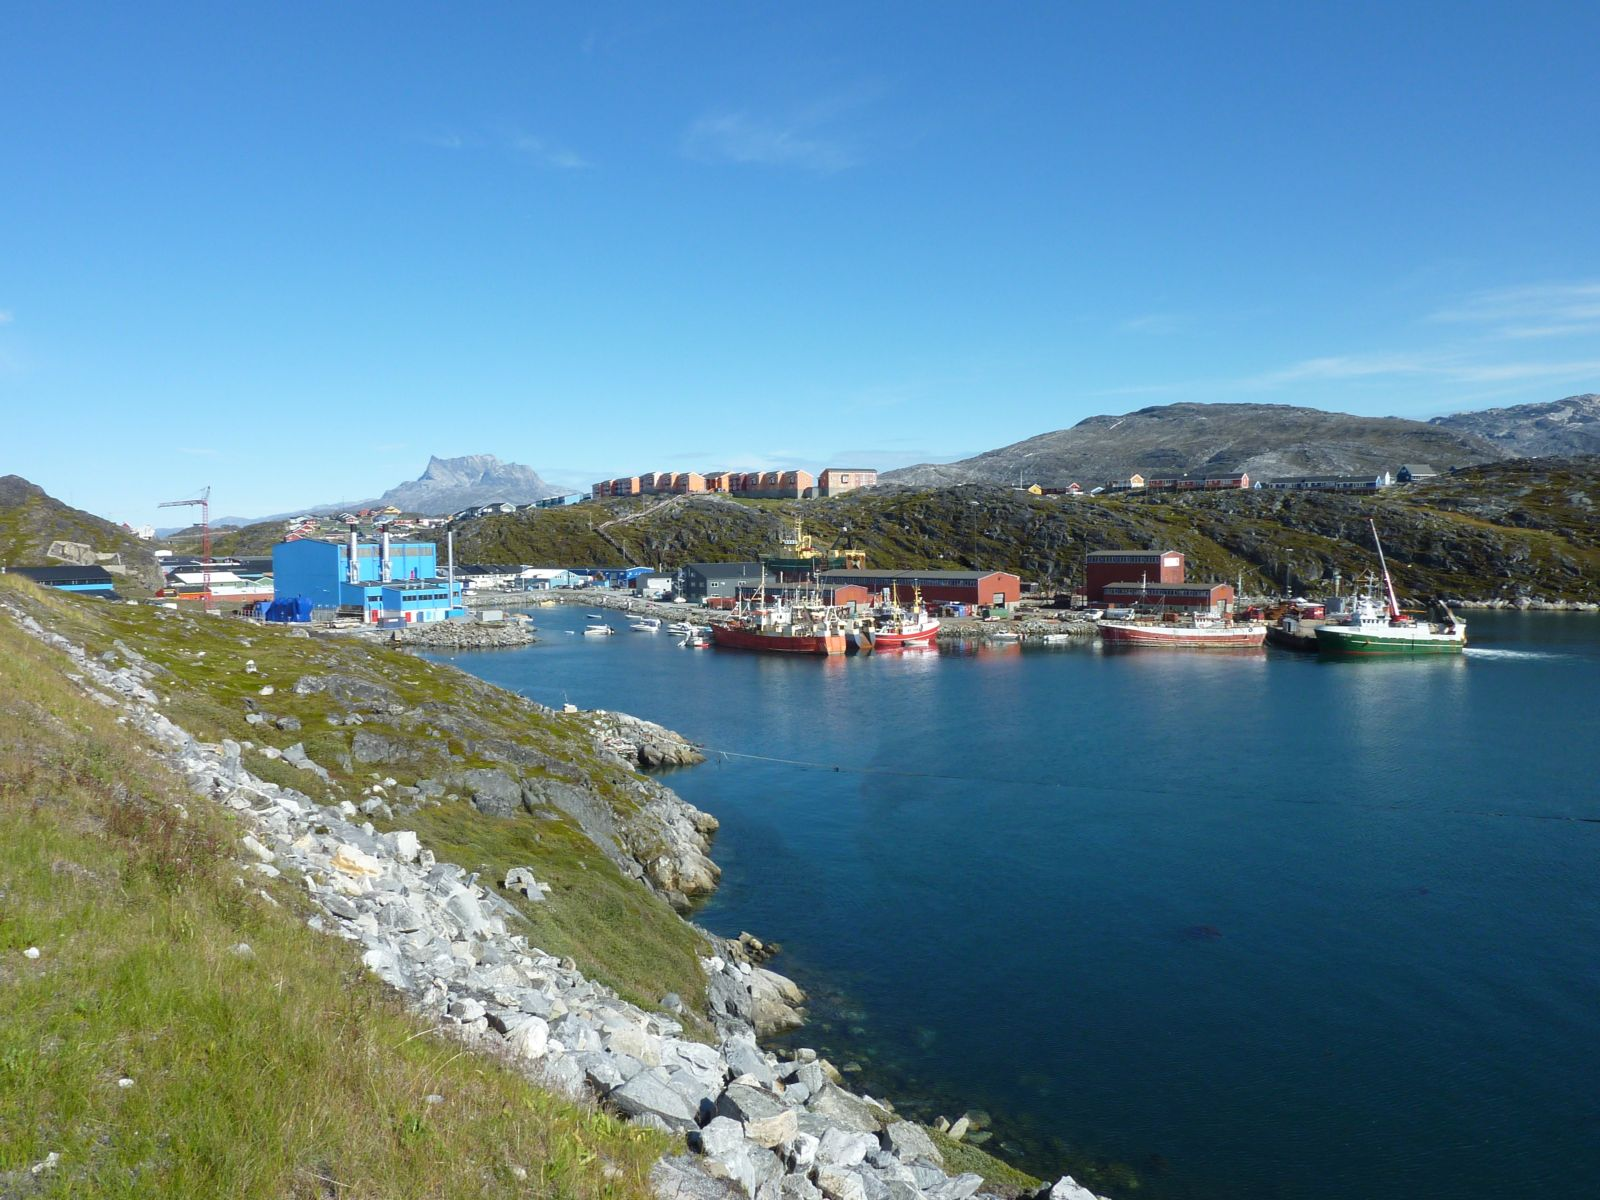 2010-08-31-1350_-_Havn; Sermitsiaq